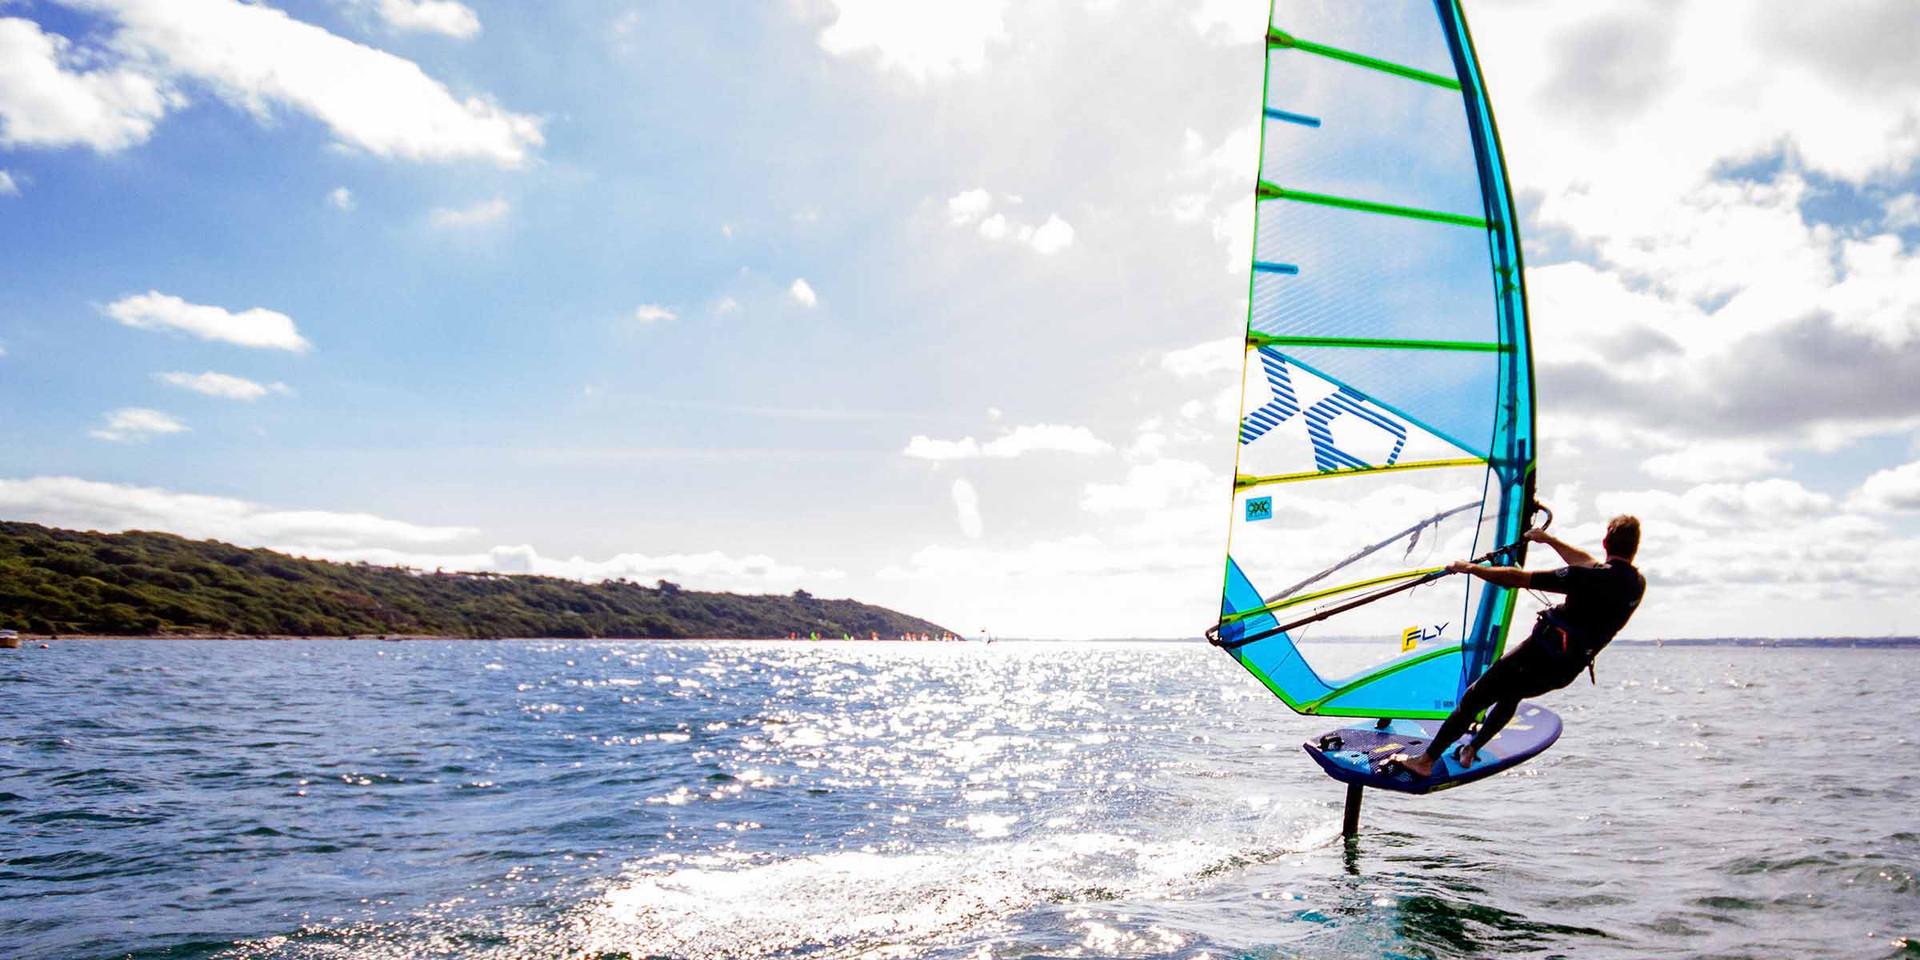 xo fly windsurf foil sail